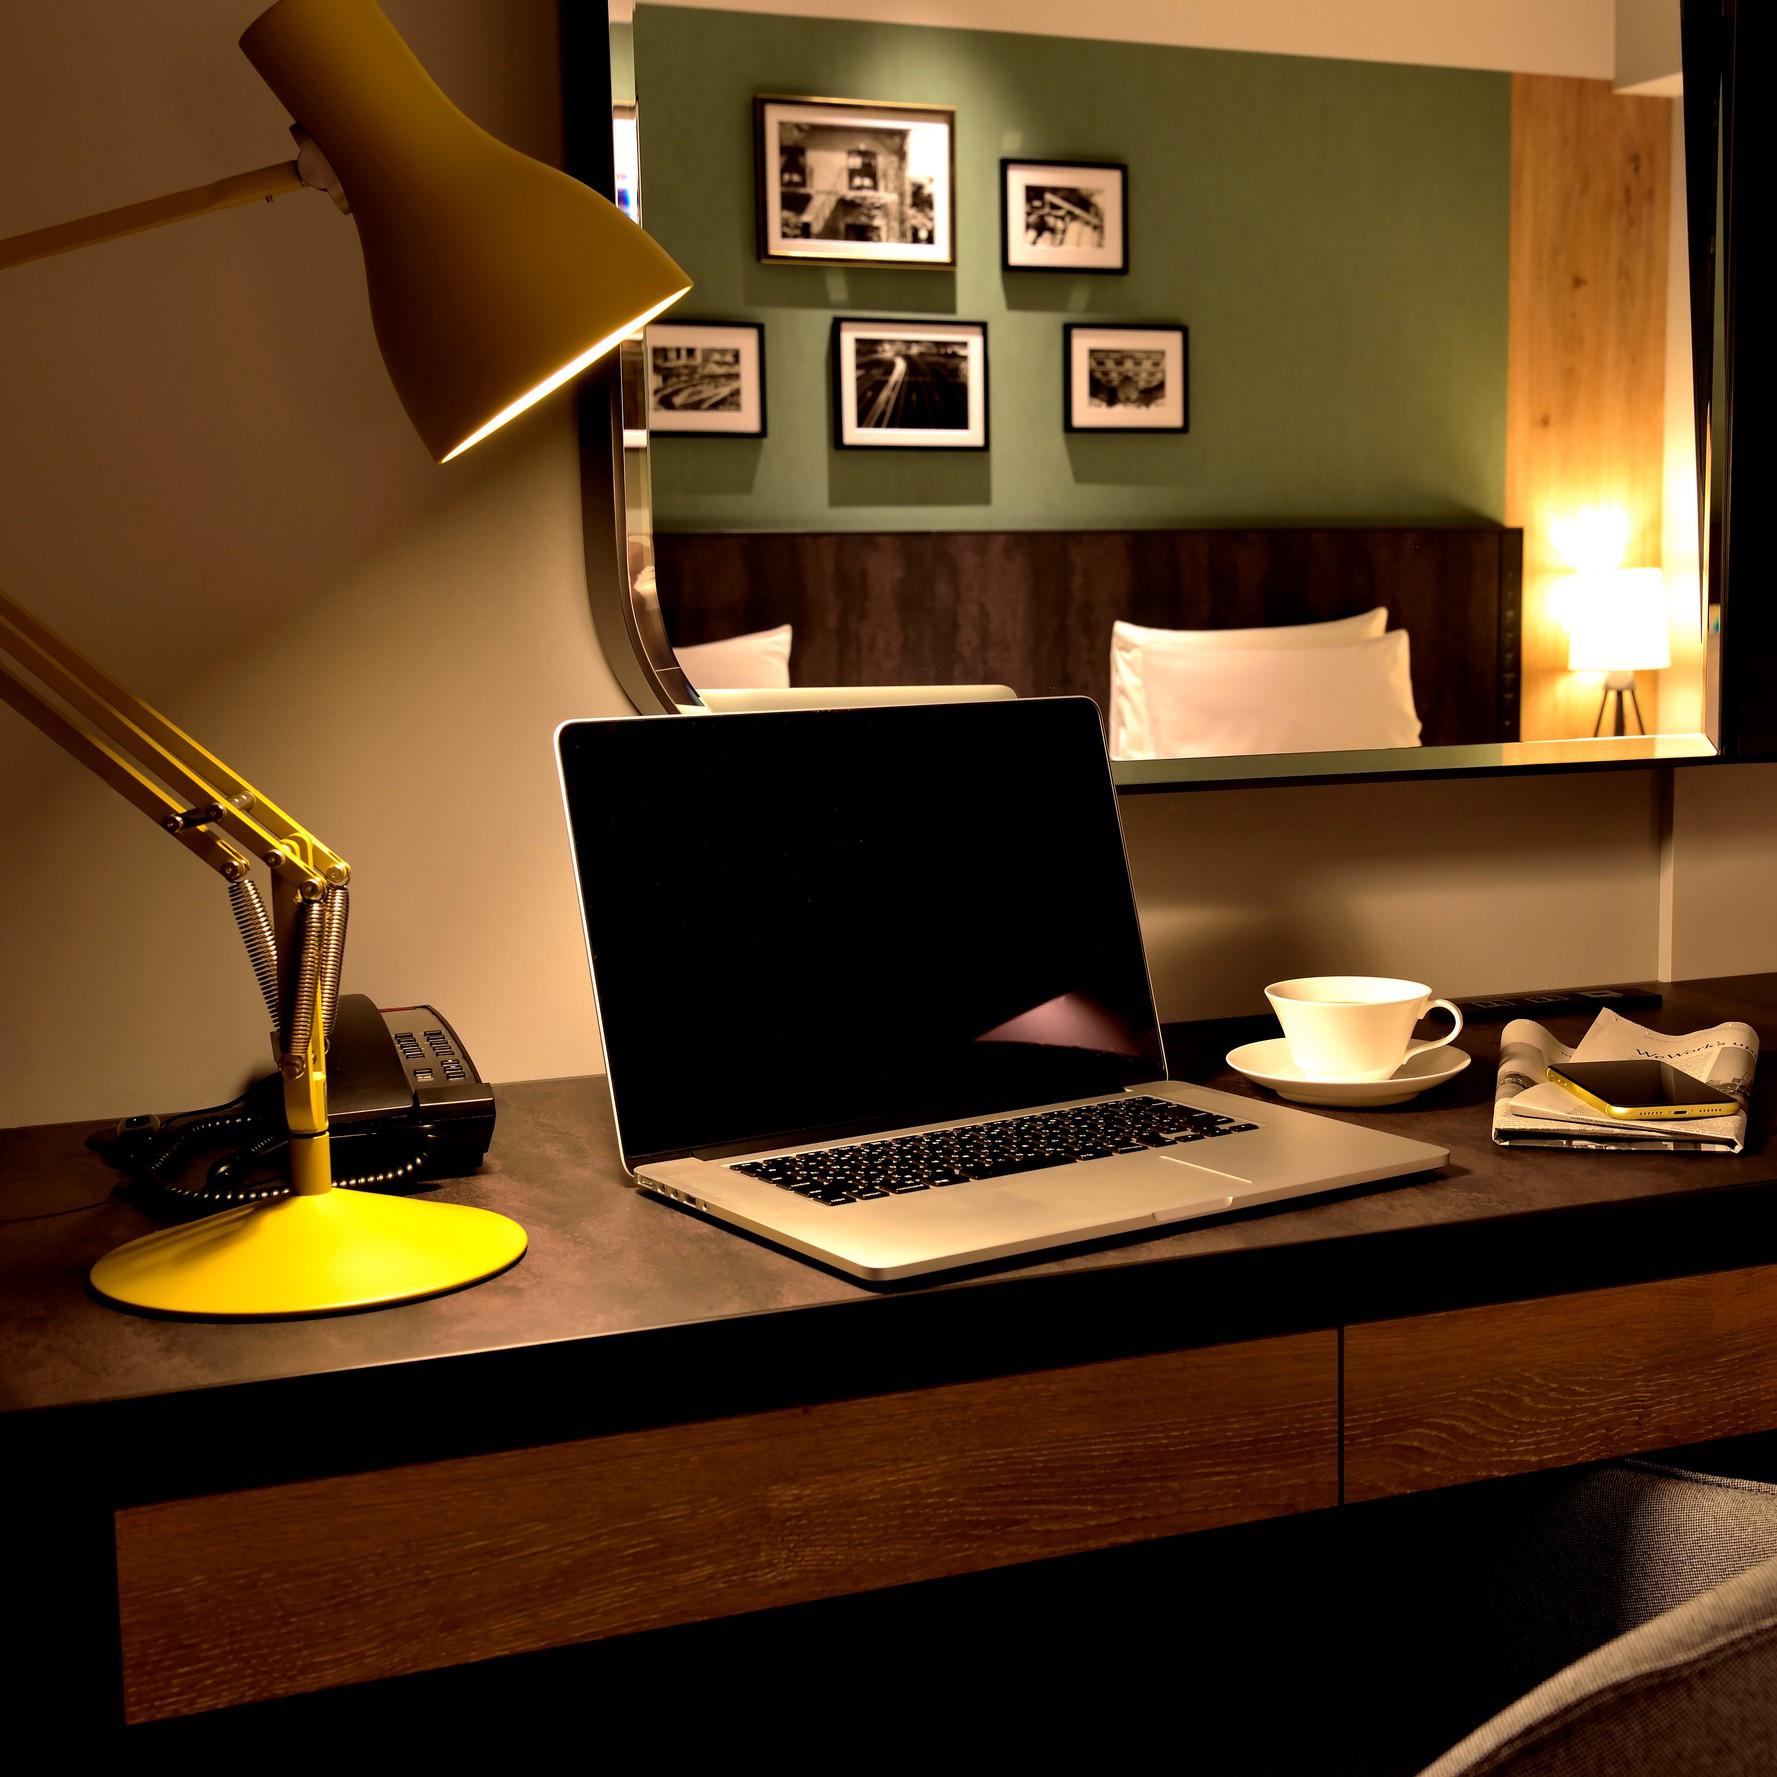 本館プレミアフロア 客室 イメージ